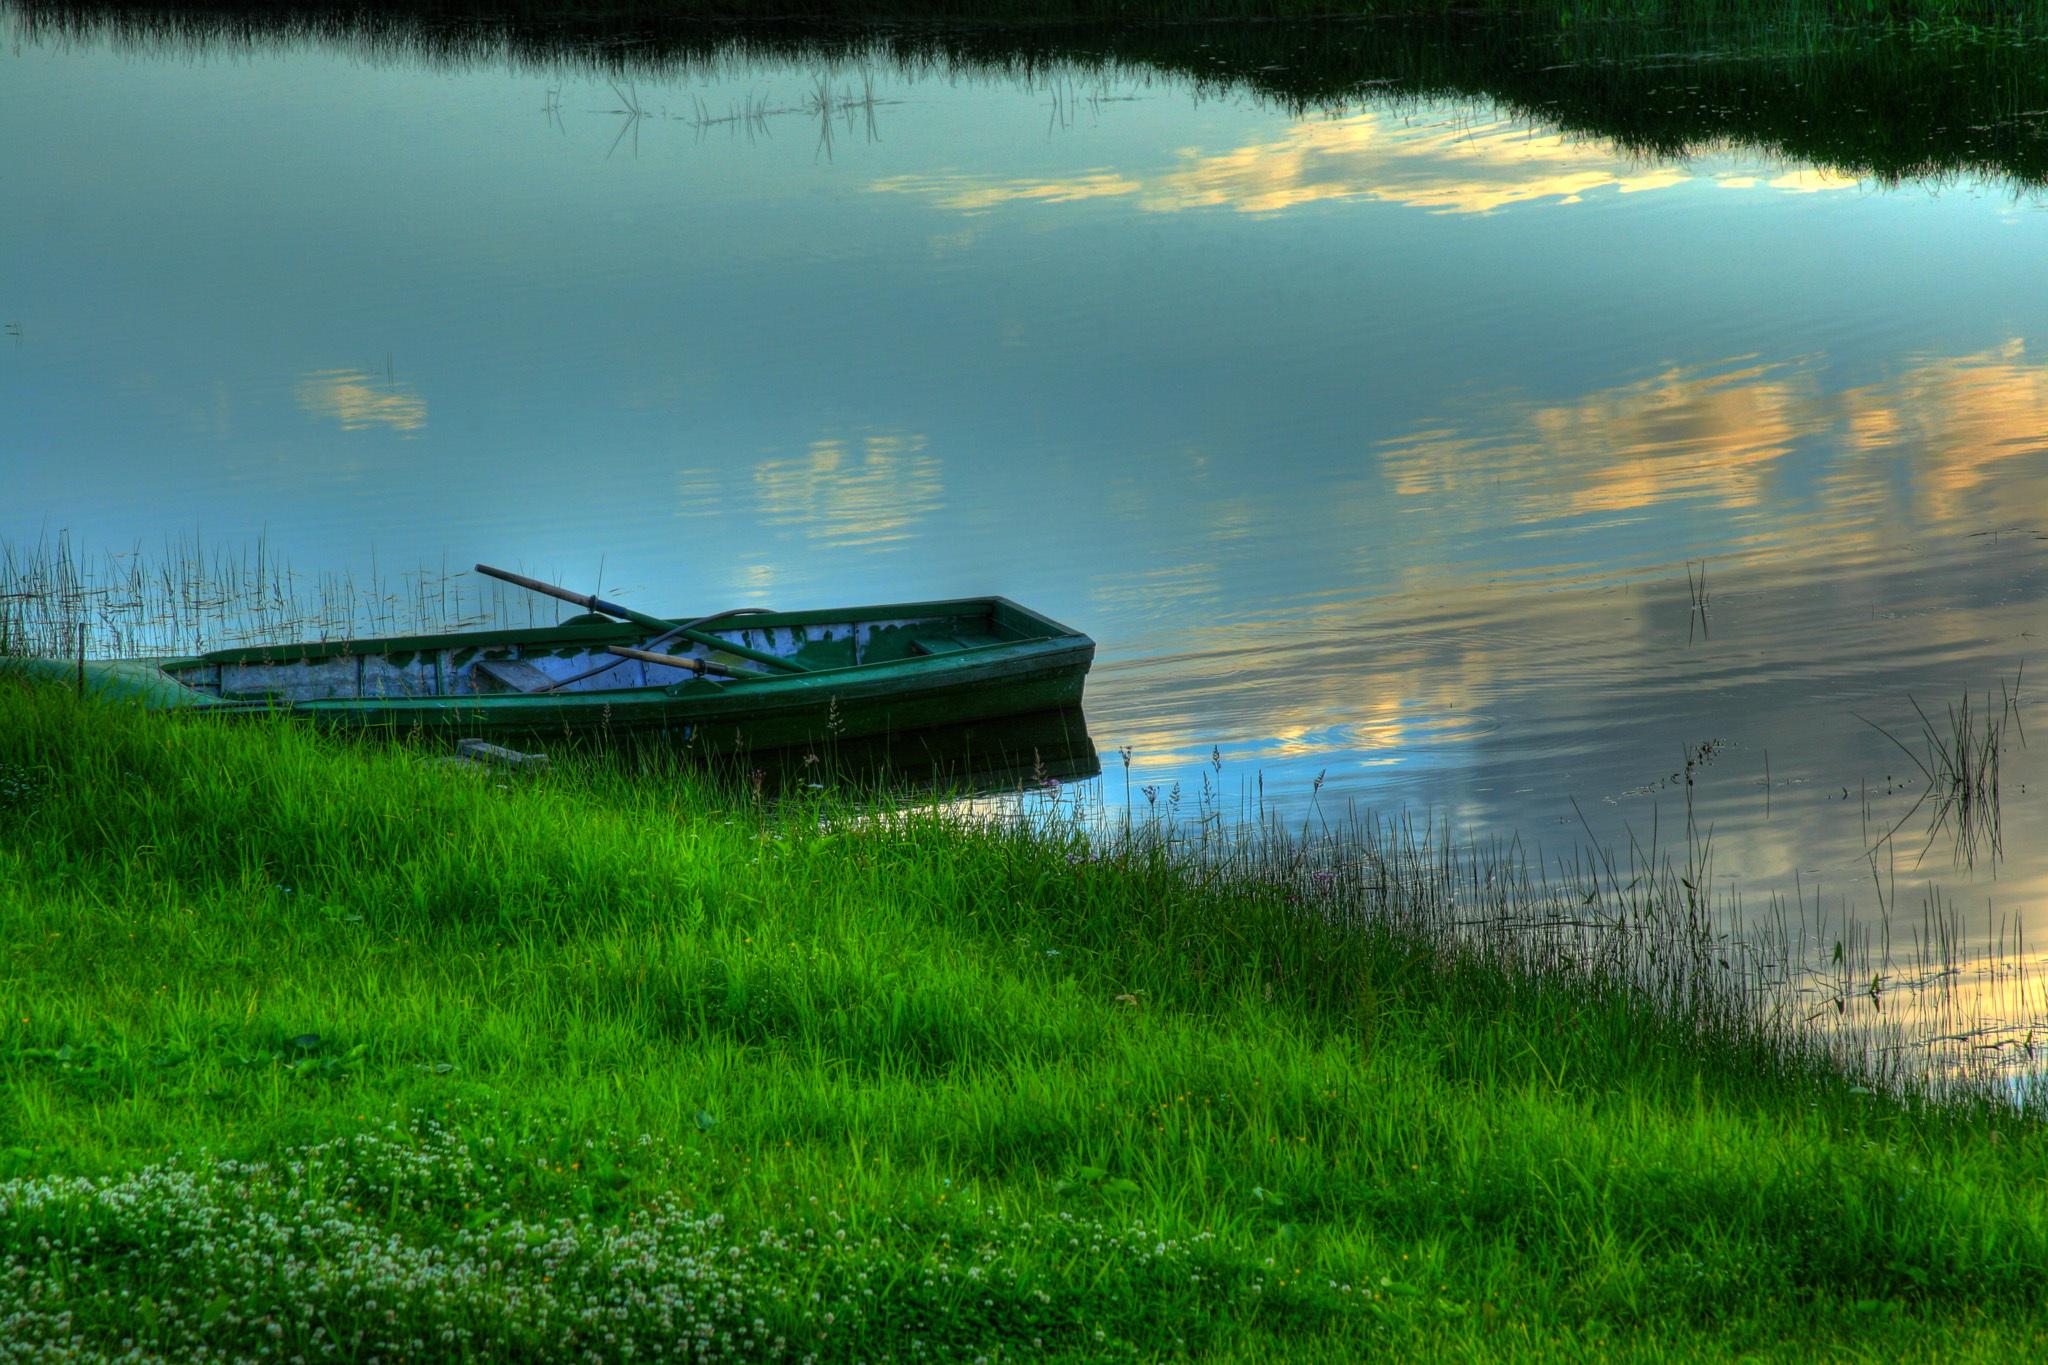 Лодка на берегу зеленого озера  № 2492941 без смс